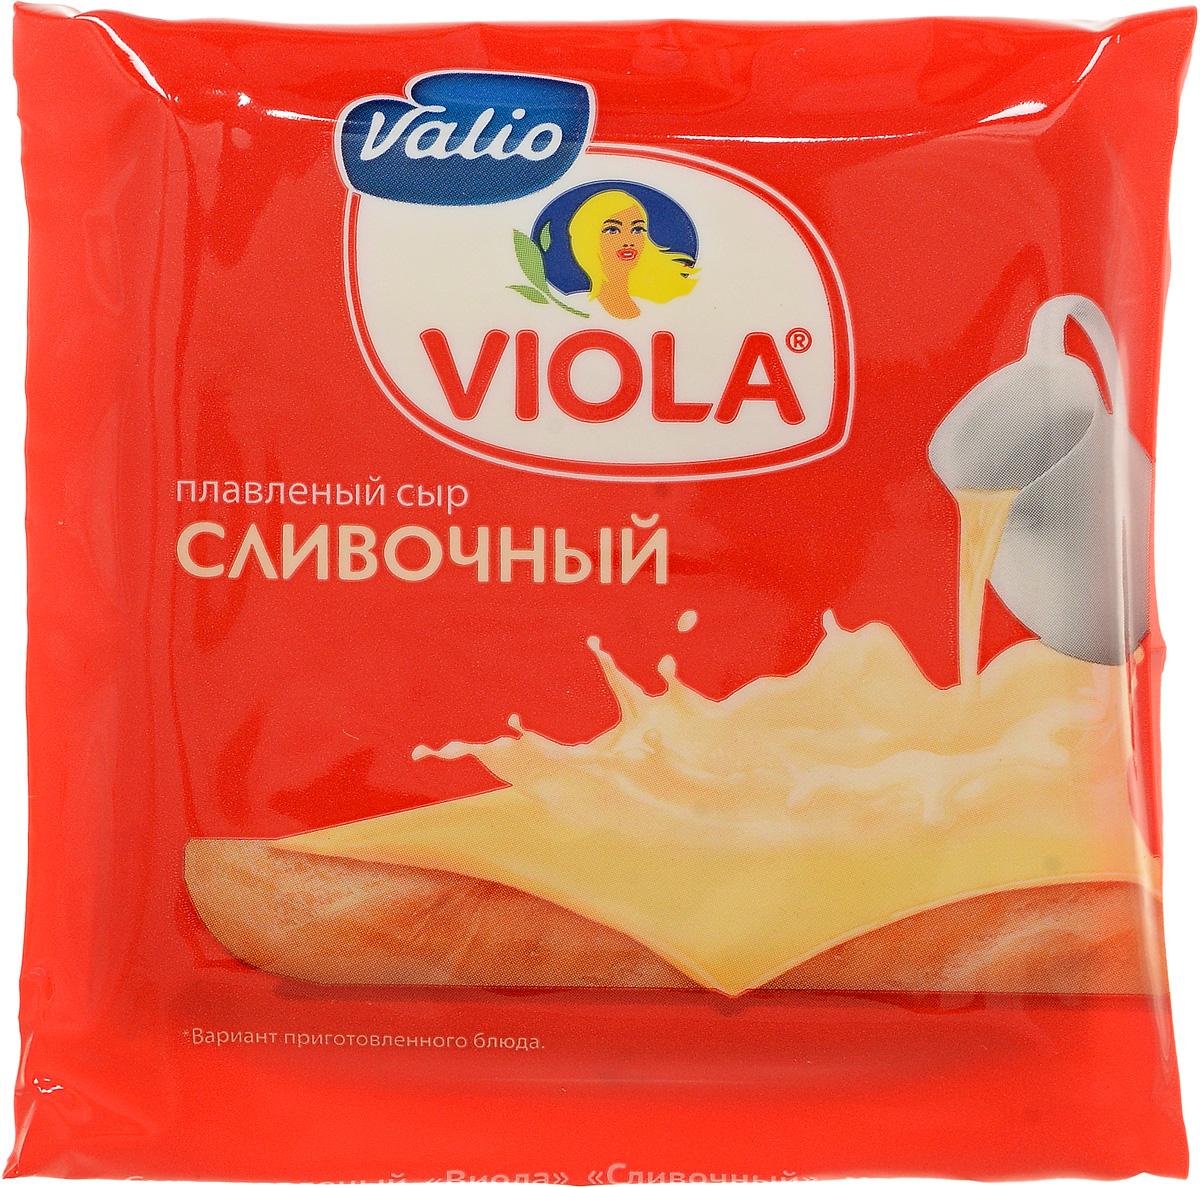 Valio Viola Сыр плавленый Сливочный, в ломтиках, 140 г valio viola сыр с лисичками плавленый в ломтиках 140 г